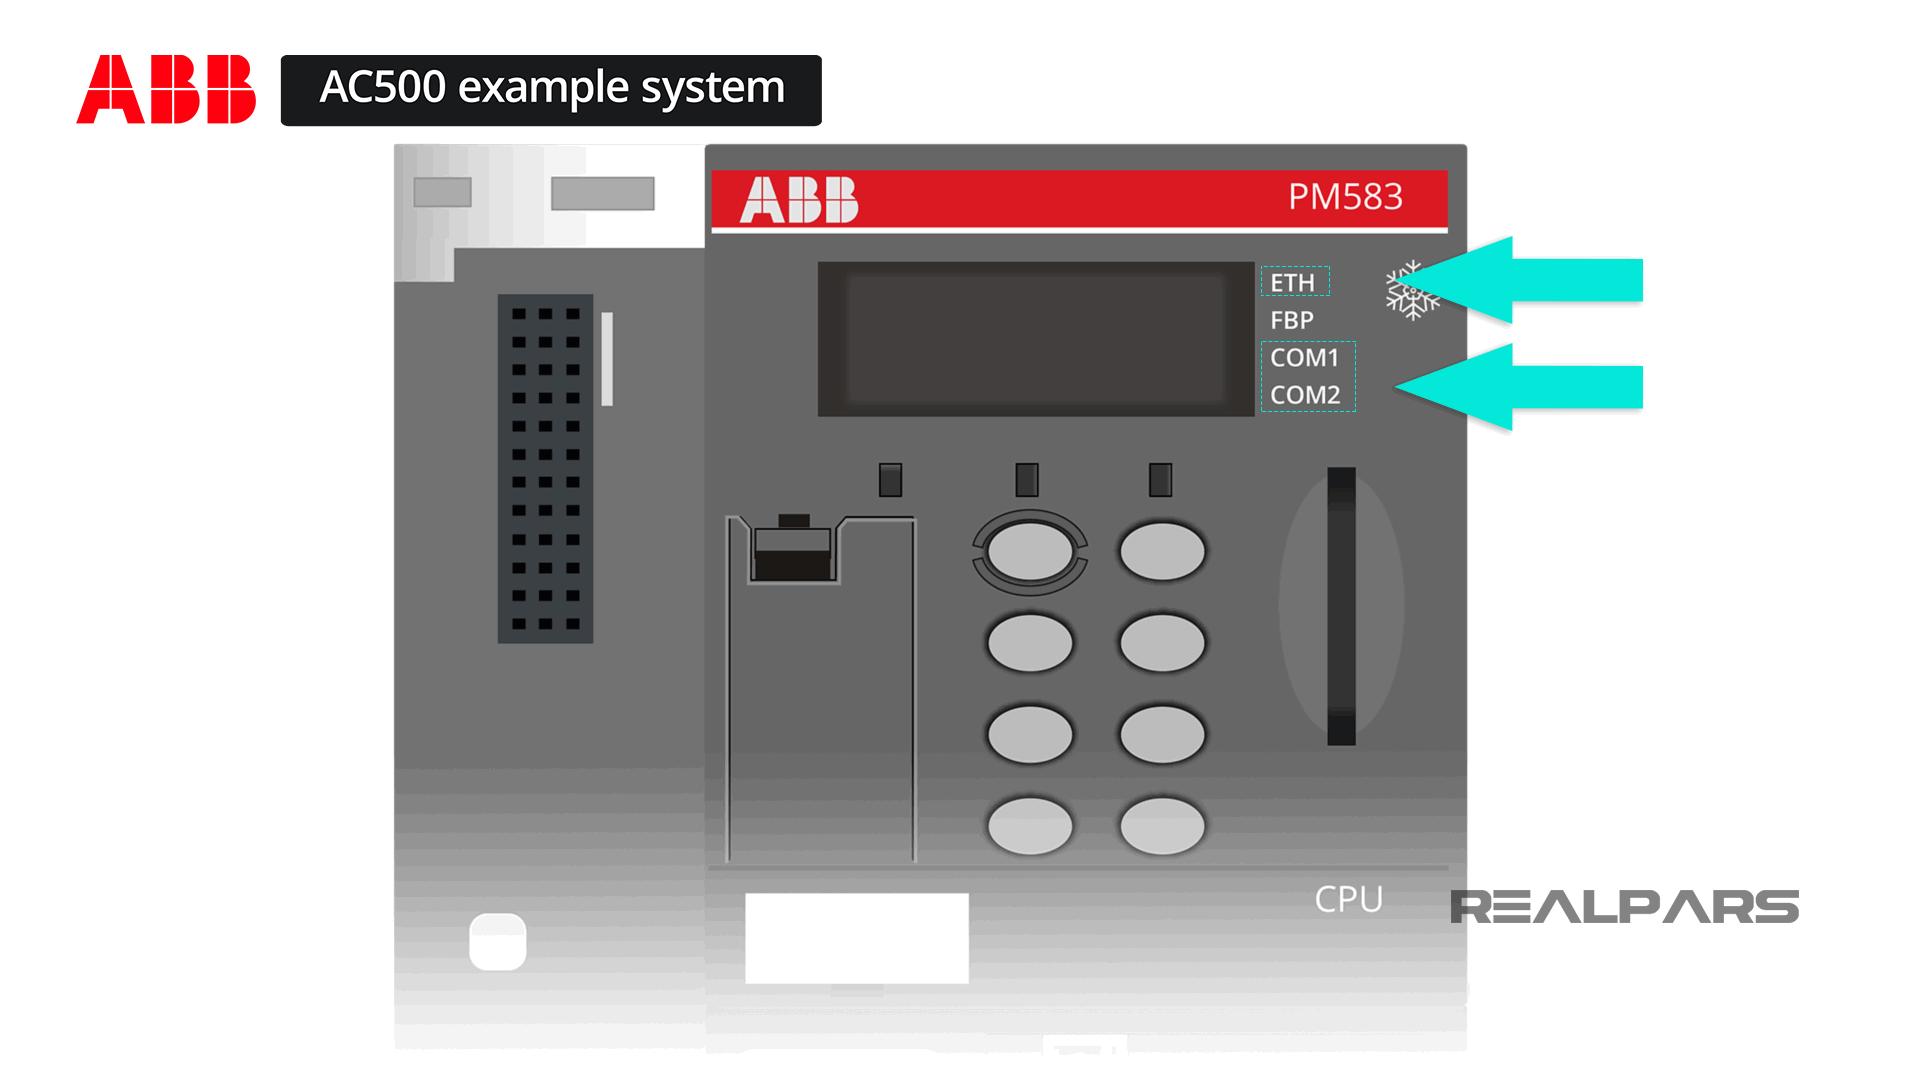 PM583-ETH CPU